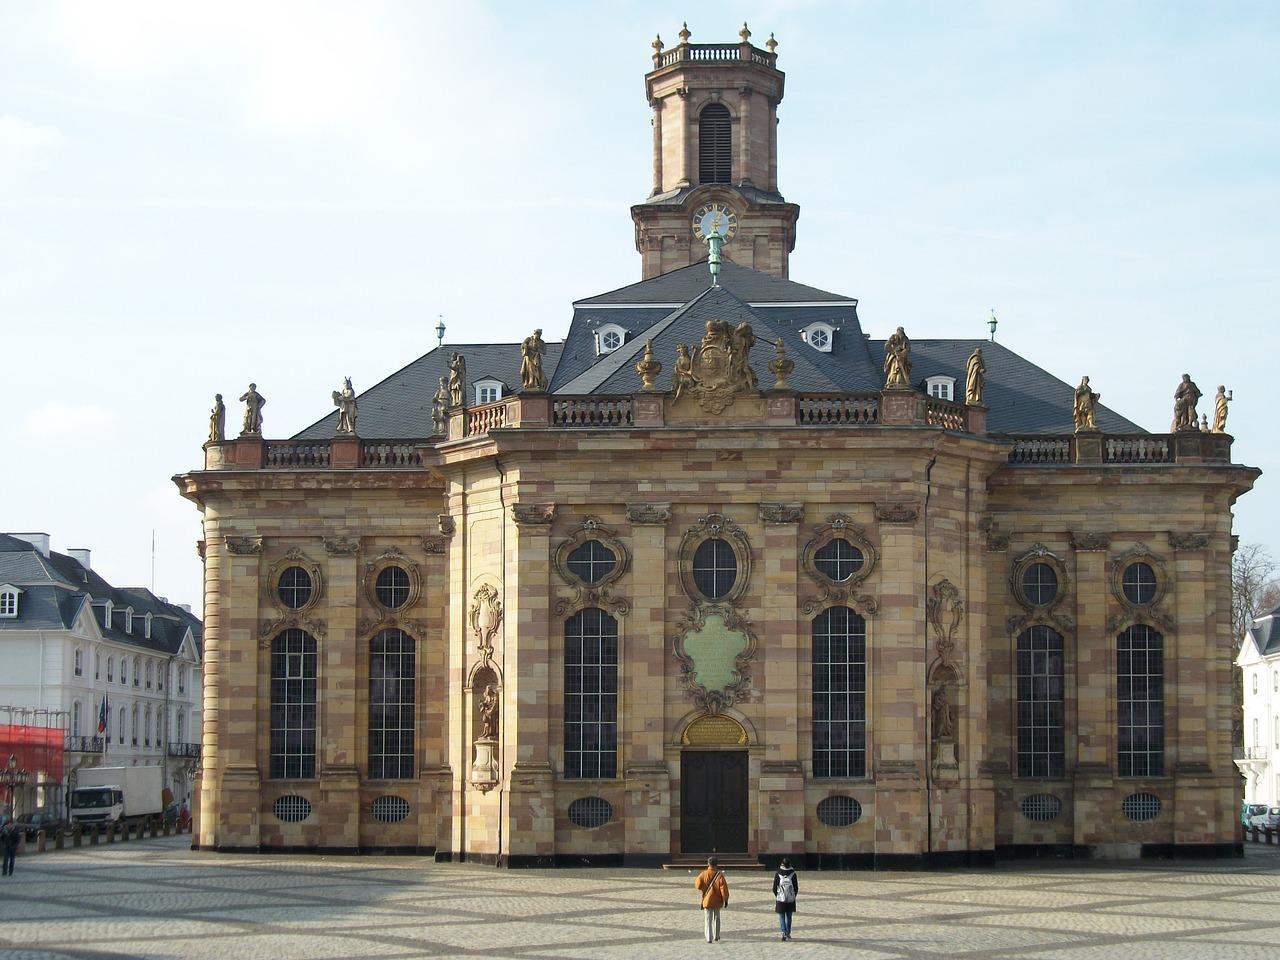 Quelle: https://pixabay.com/de/ludwigskirche-saarbr%C3%BCcken-kirche-836256/